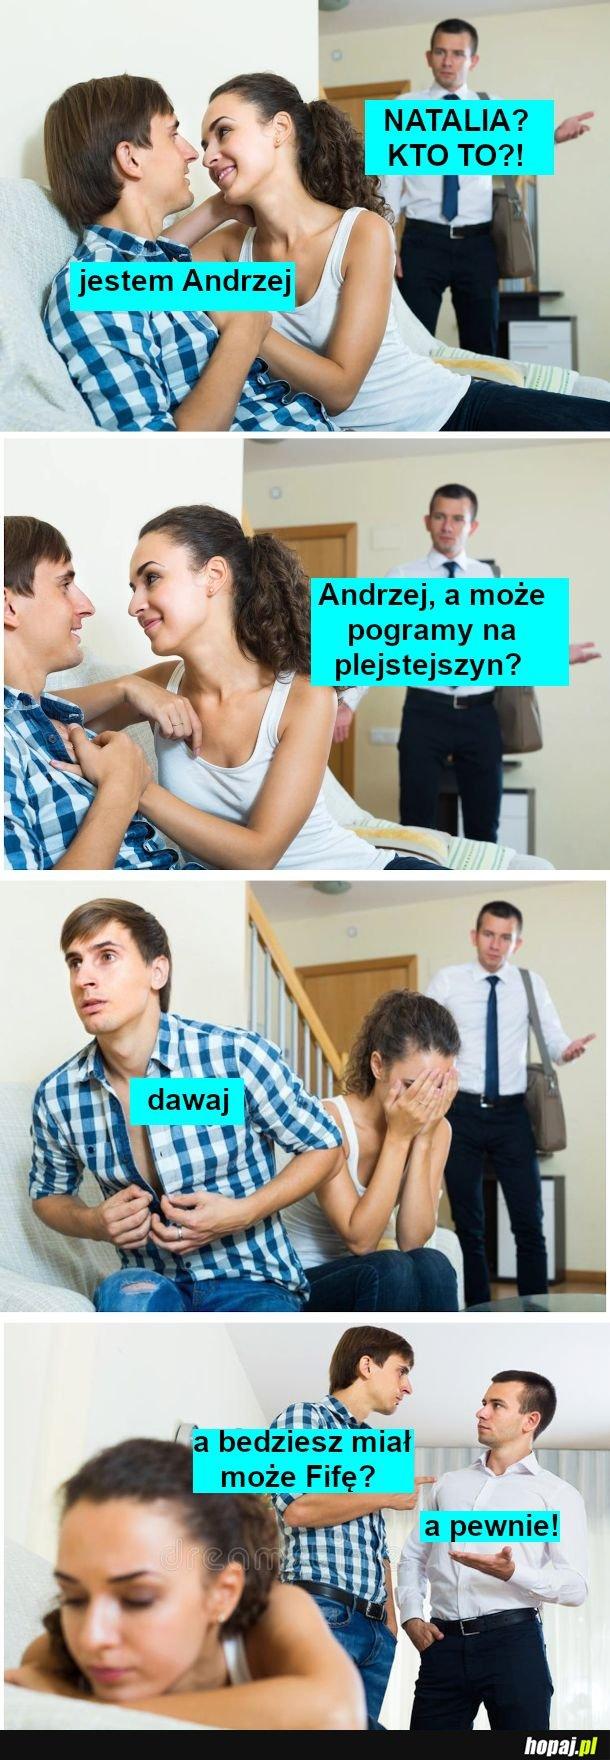 Natalia i Andrzej